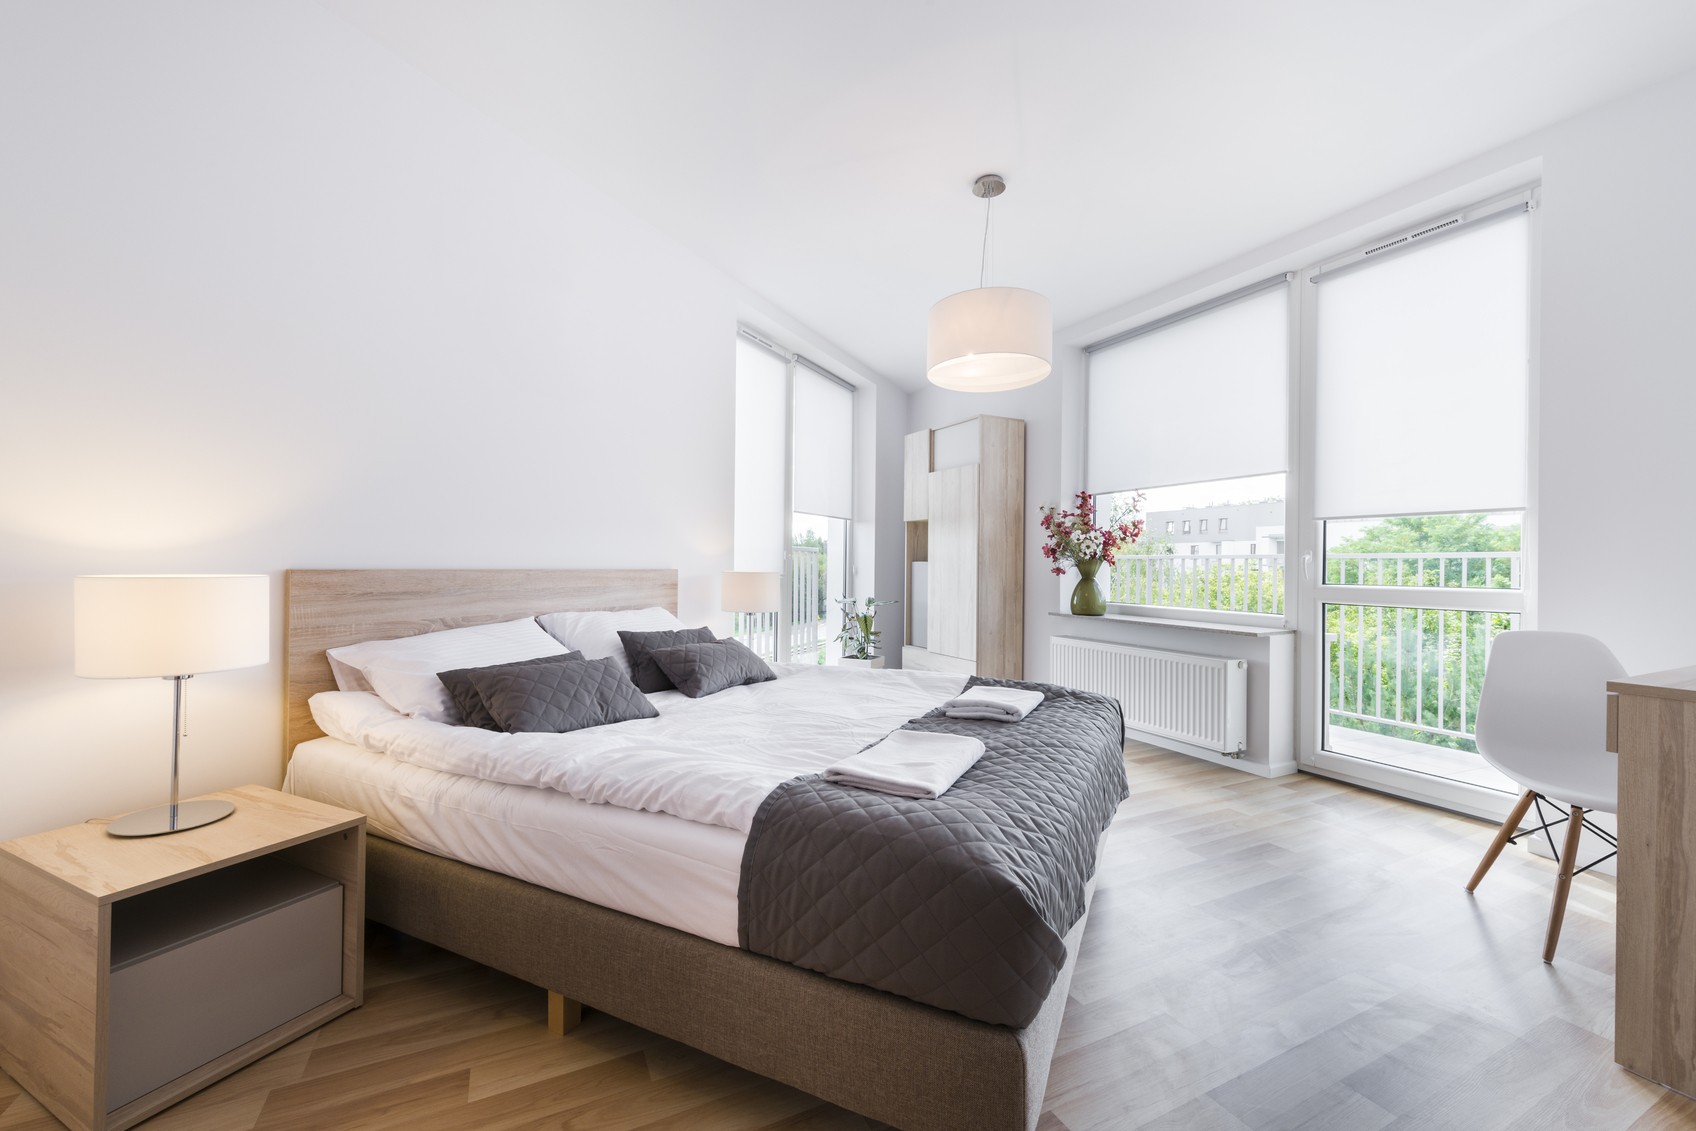 Woonideeën, interieur tips en ideeën   interieurkoning.nl